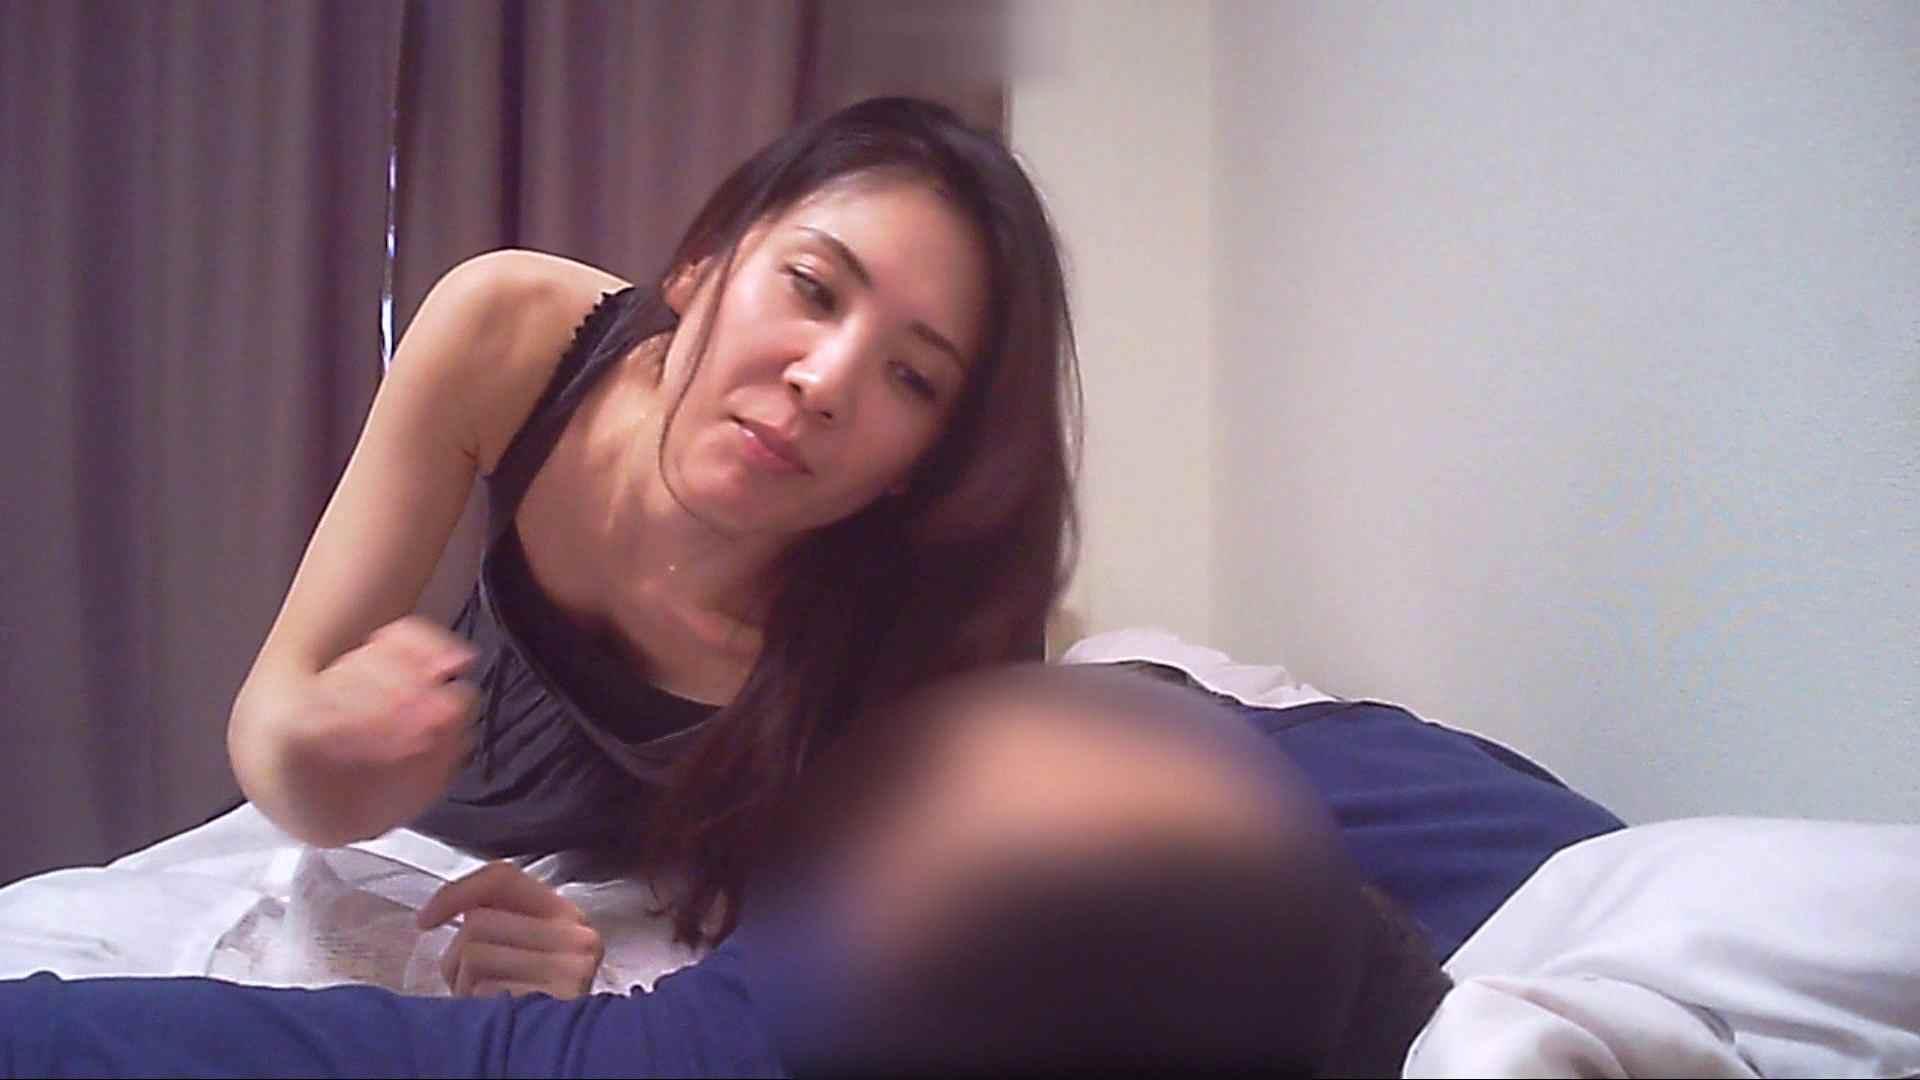 清楚な顔してかなり敏感なE子25歳(仮名)Vol.01 OL  95pic 39